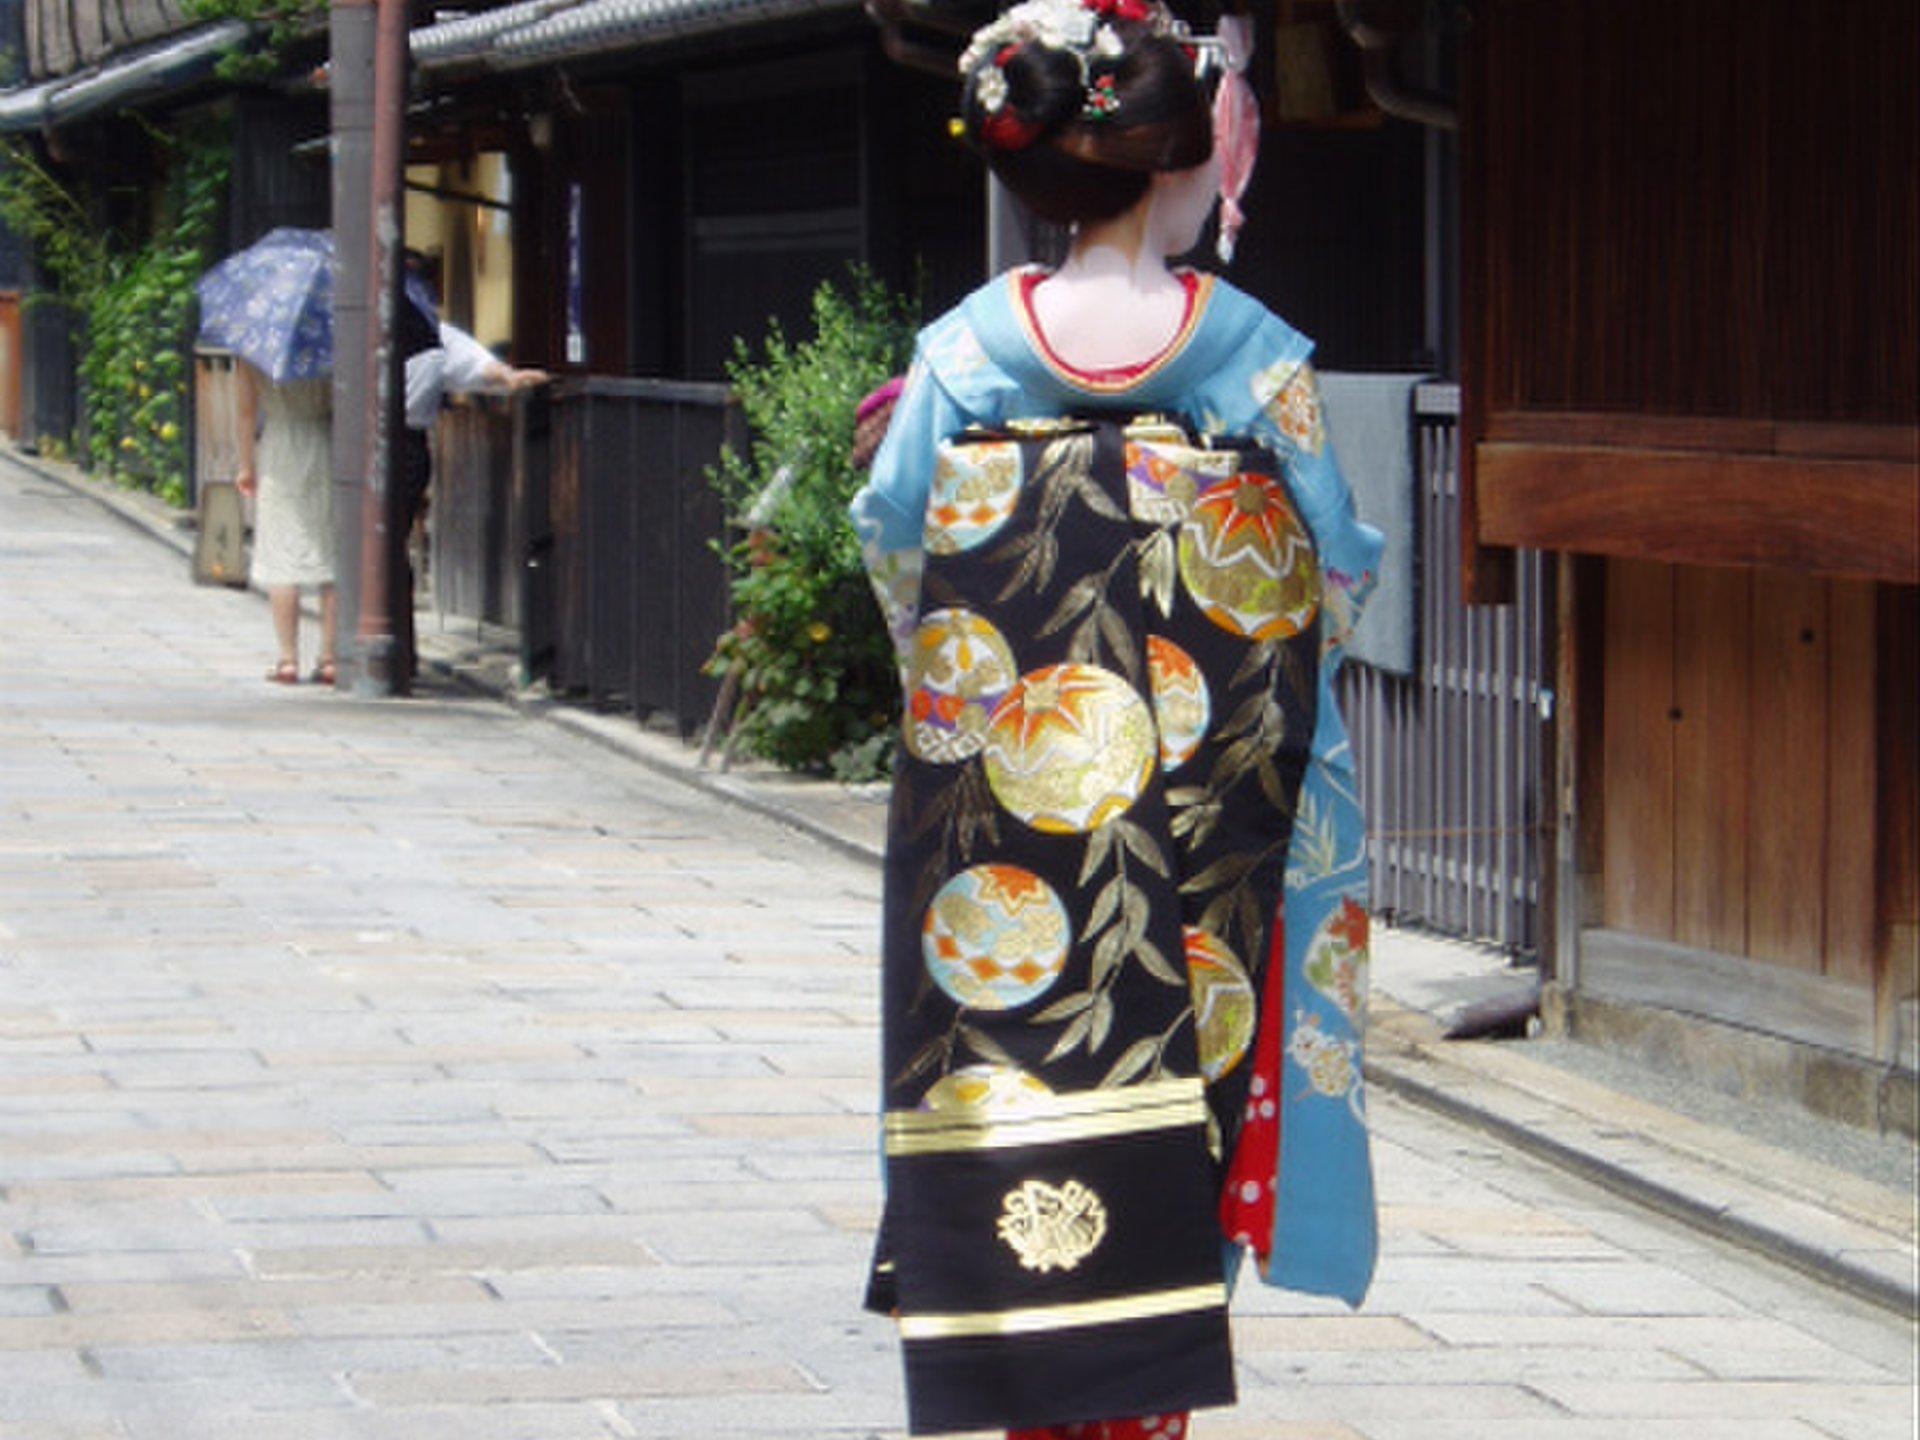 京都の遊び場!子供も楽しめる絶対にハズさないおすすめスポット12選